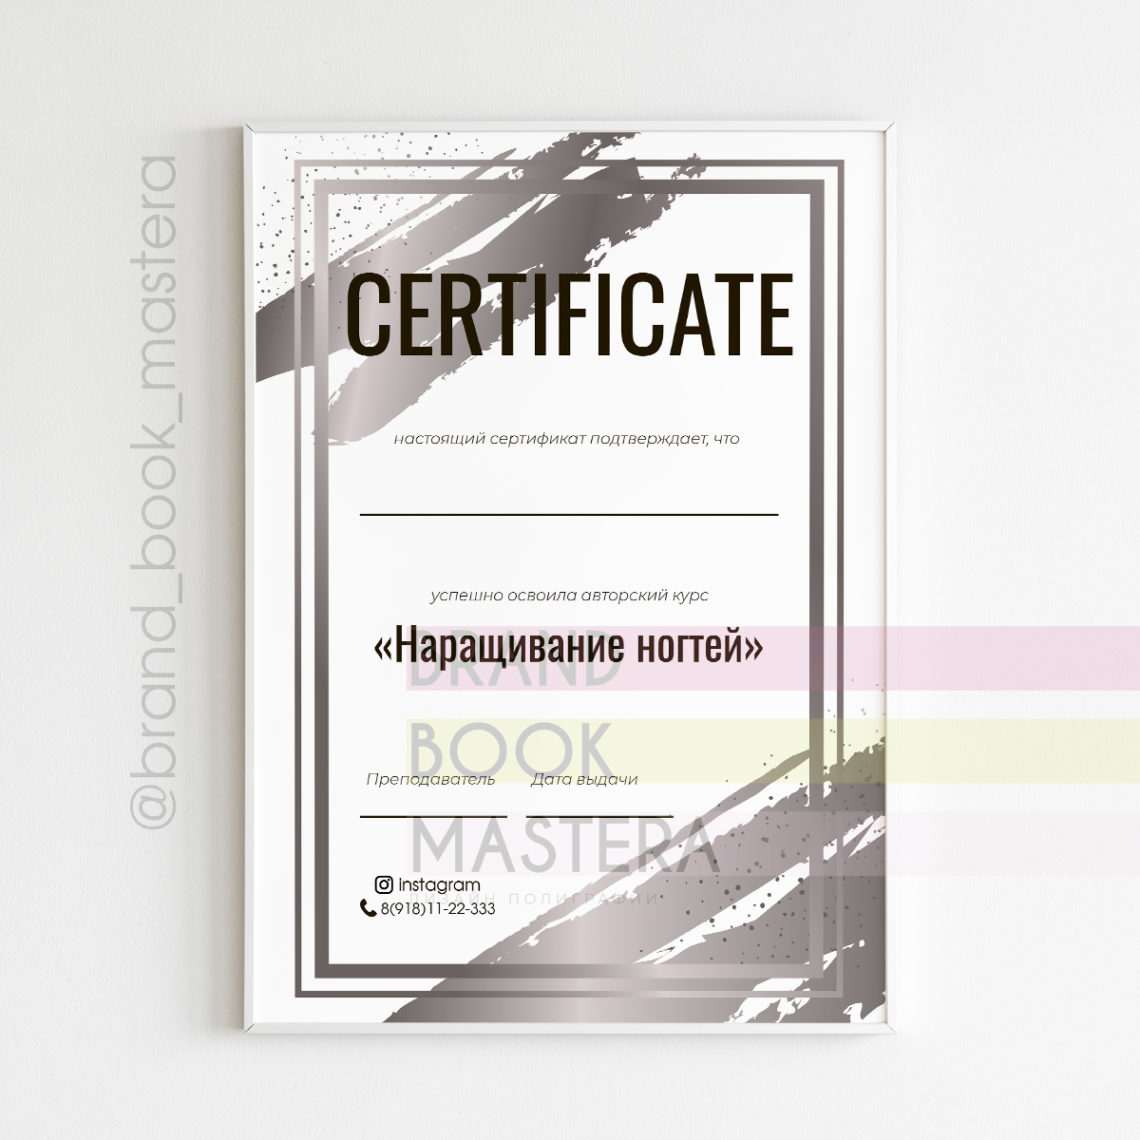 сертификат об обучении мастера маникюра